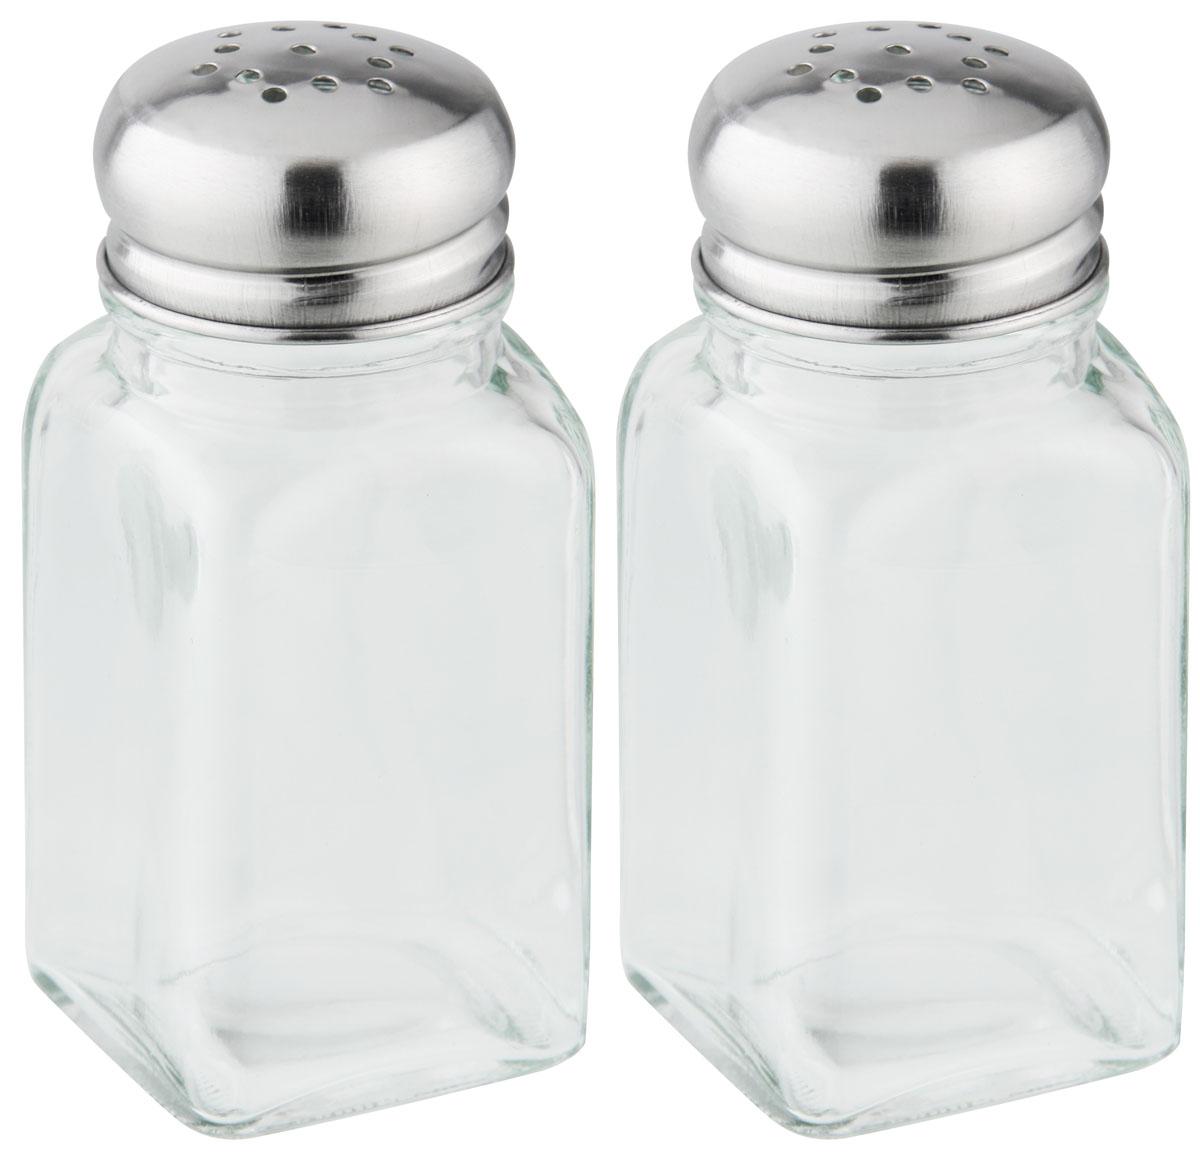 """Набор """"Fackelmann"""" состоит из солонки и перечницы. Емкости выполнены из стекла и закрываются крышками из нержавеющей стали. Благодаря своим небольшим размерам набор не займет много места на вашей кухне. Емкости легки в использовании: стоит только перевернуть их, и вы с легкостью сможете добавить соль и перец по вкусу в любое блюдо.  Дизайн, эстетичность и функциональность набора """"Fackelmann"""" позволят ему стать достойным дополнением к кухонному инвентарю.   Характеристики:  Материал: стекло, нержавеющая сталь. Размер емкости: 4 см х 4 см х 9,5 см. Размер упаковки: 9 см х 5 см х 15,5 см. Артикул: 46870.   Компания """"Fackelmann"""" была основана в 1948 году и в настоящее время является крупнейшим мировым поставщиком товаров для дома. В ассортименте компании найдутся товары для самых разных покупателей. Продукция """"Fackelmann"""" выполнена из различных комбинаций металла - нержавеющей, хромированной, никелированной и луженой стали, светлого и темного дерева - бука и сосны, пластмассы, акрила, прозрачного, матового и цветного стекла. С продукцией """"Fackelmann"""" ваш дом станет красивее, уютнее и намного удобнее!"""